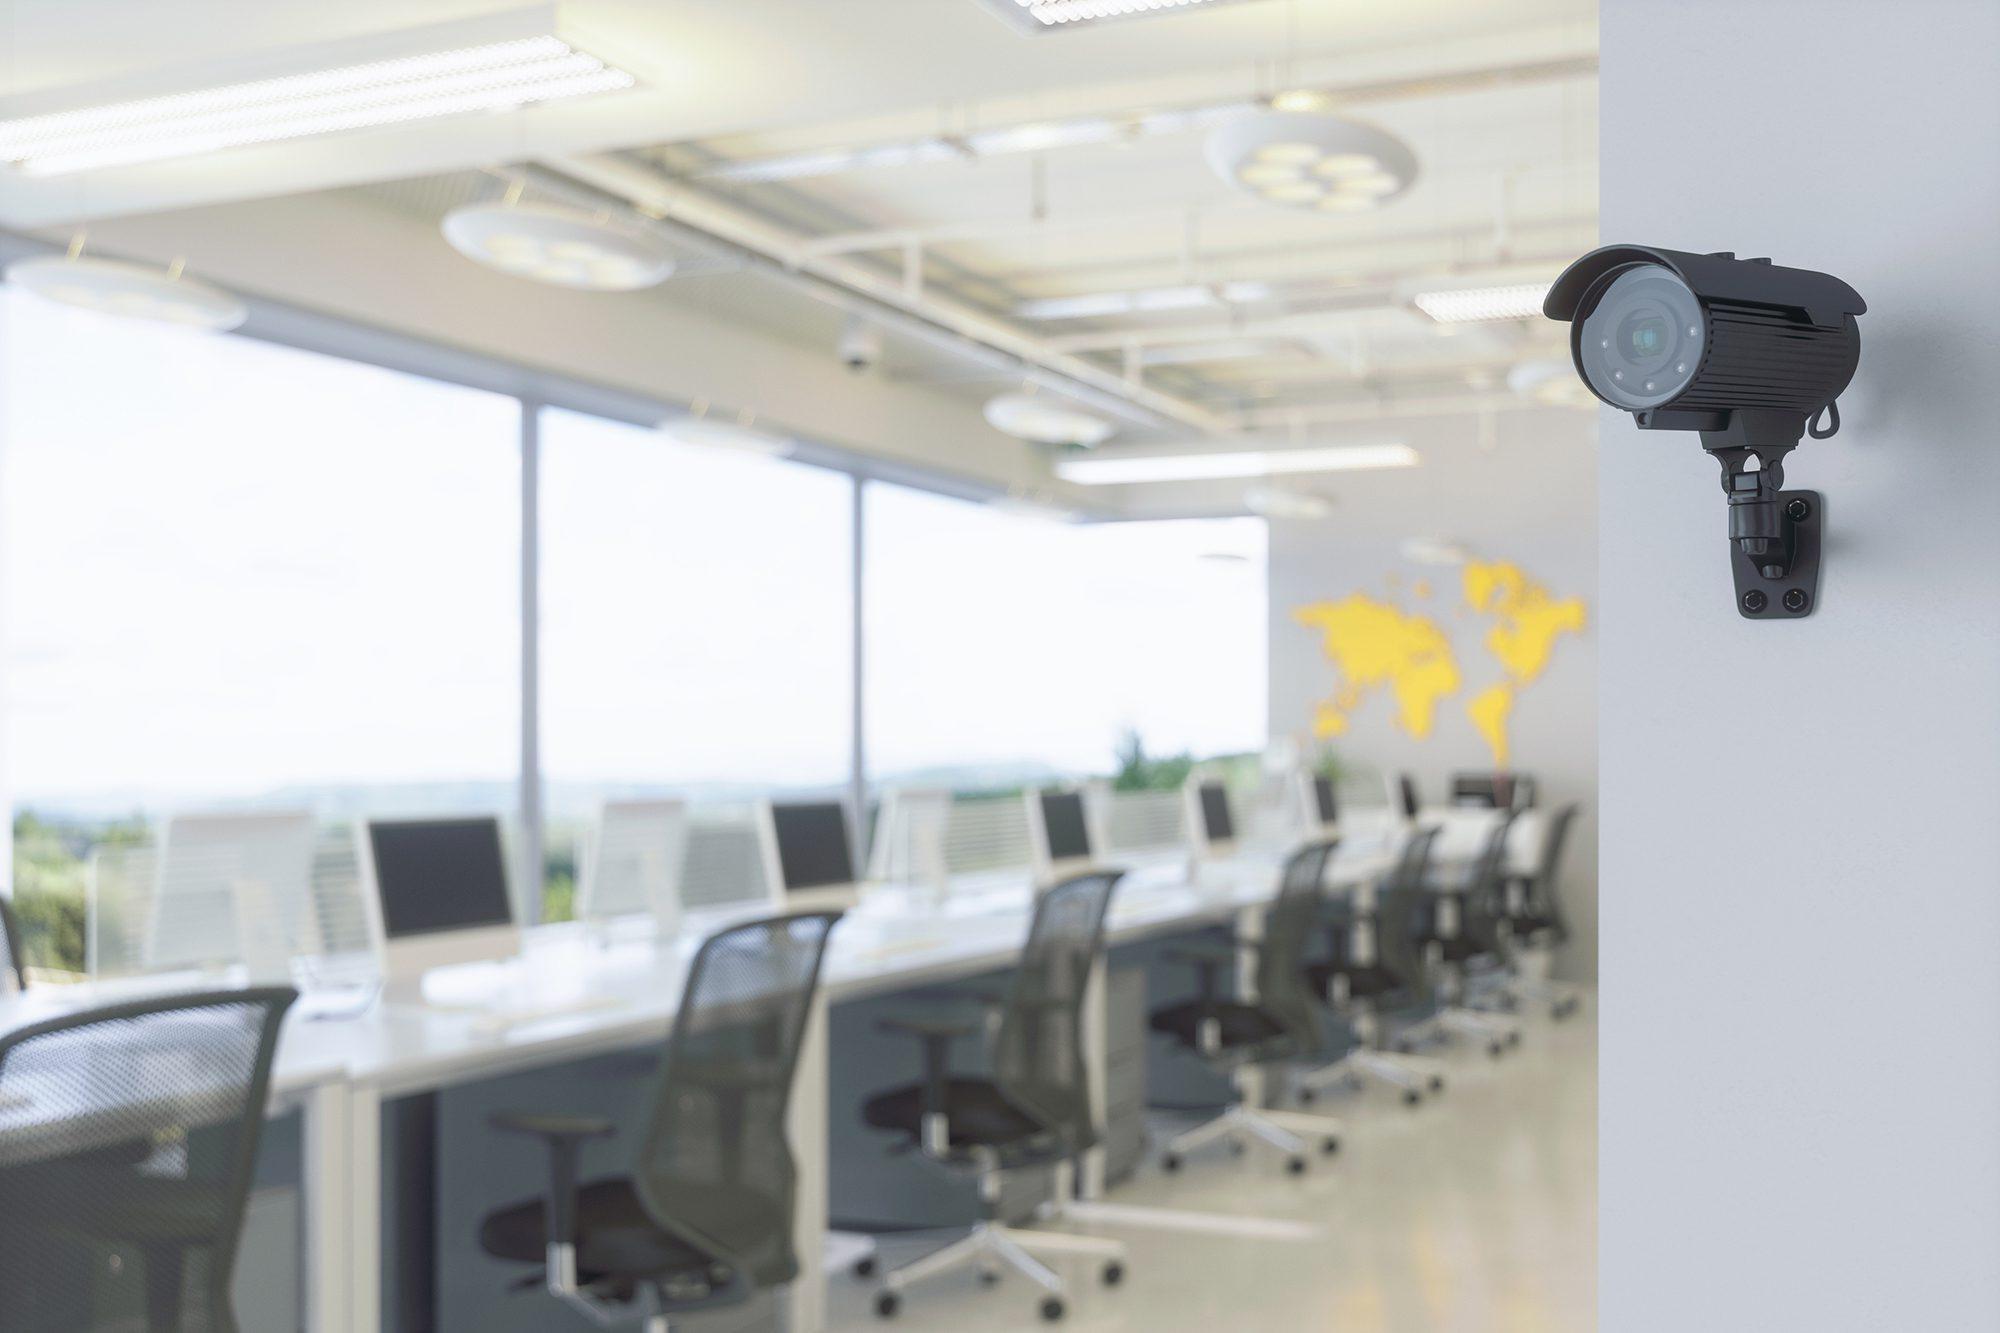 安全摄像系统的利弊